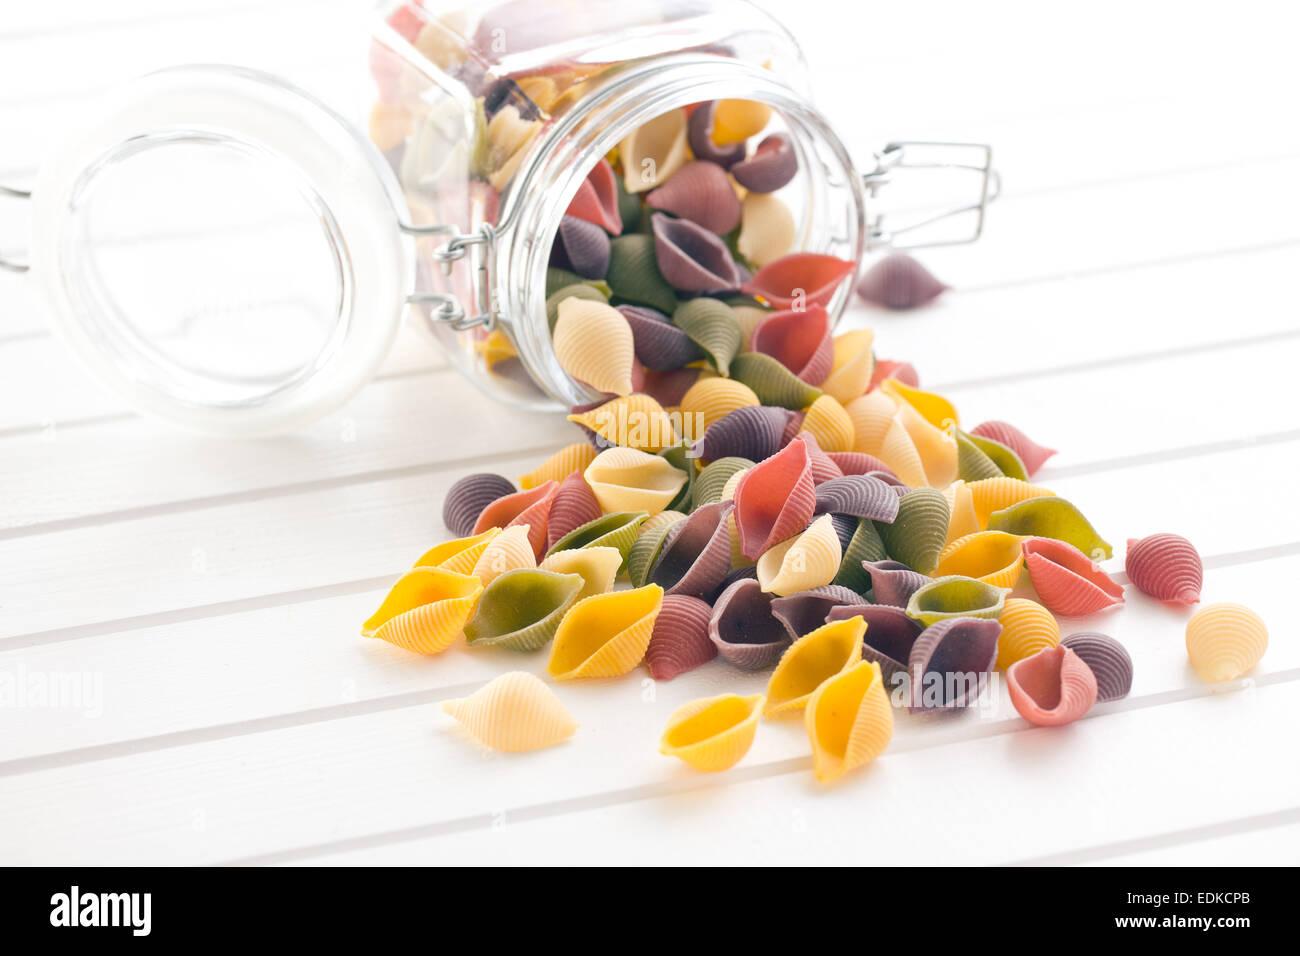 Les pâtes italiennes à sec sur tableau blanc Photo Stock